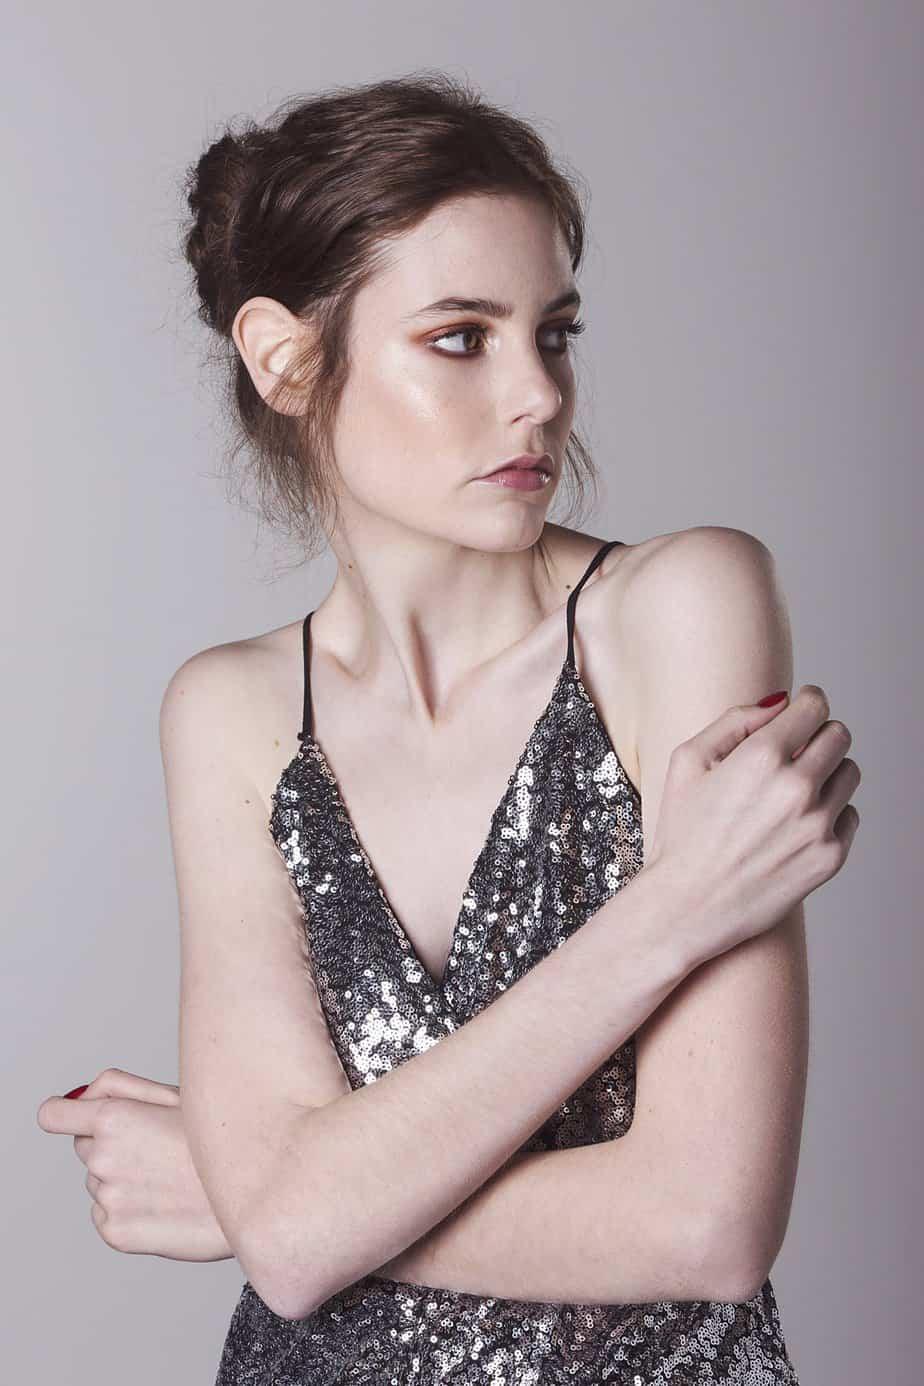 Silvia_AryNoir_fashion_francescabandiera